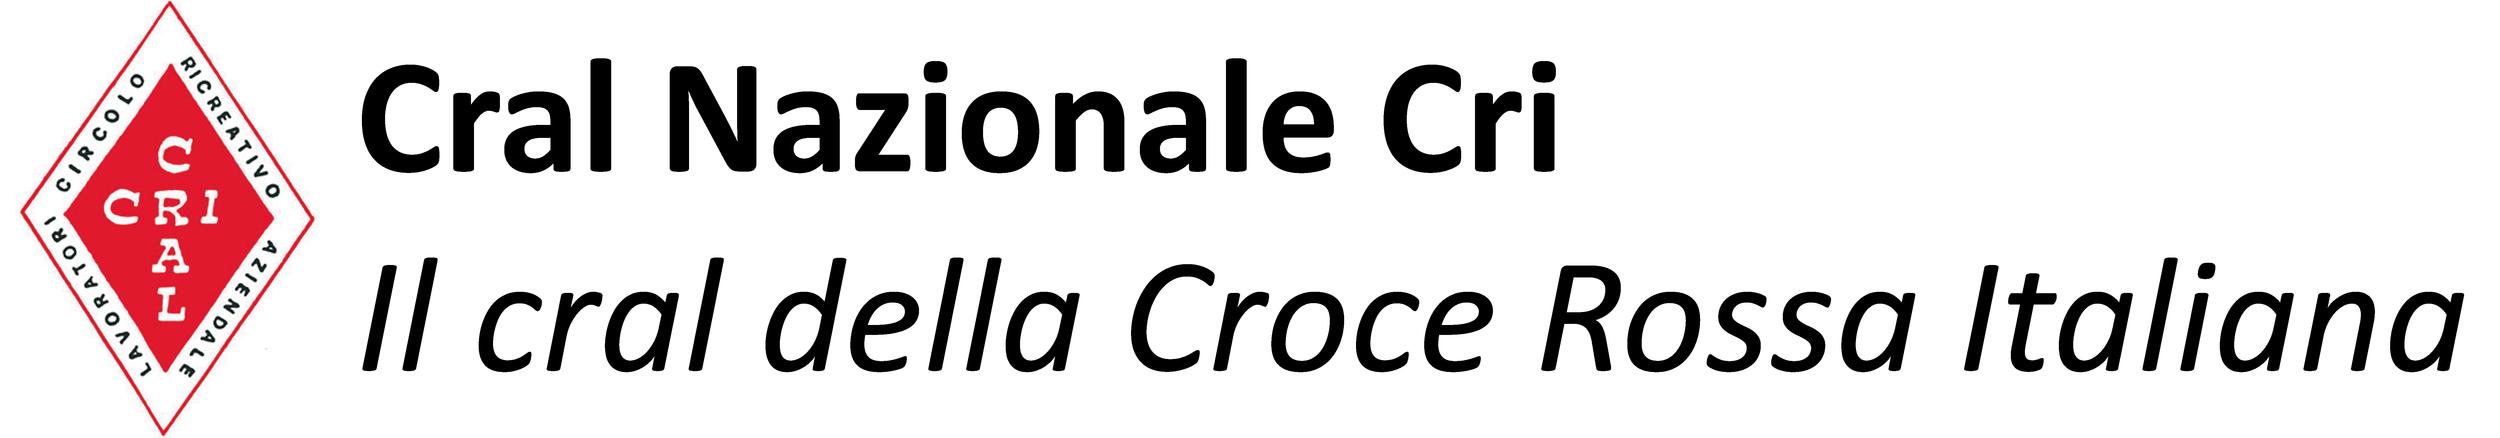 Cral Nazionale CRI